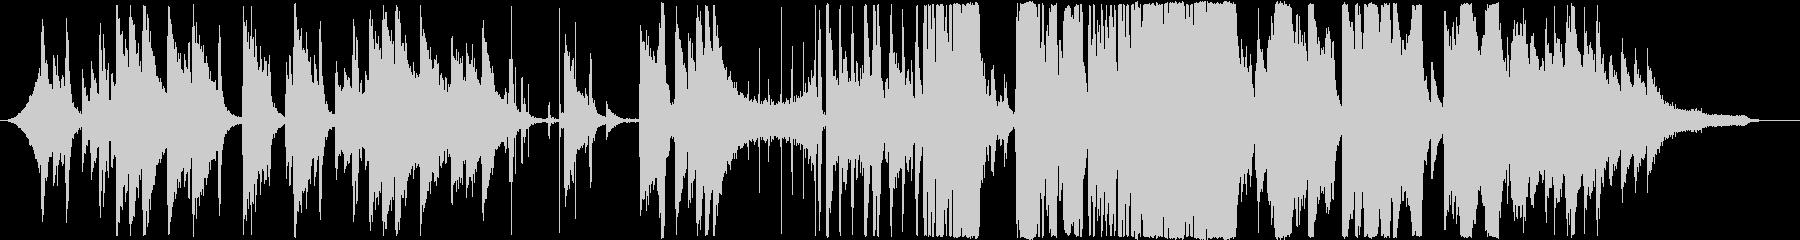 ホラー/ノスタルジック/ピアノ/バイオリの未再生の波形